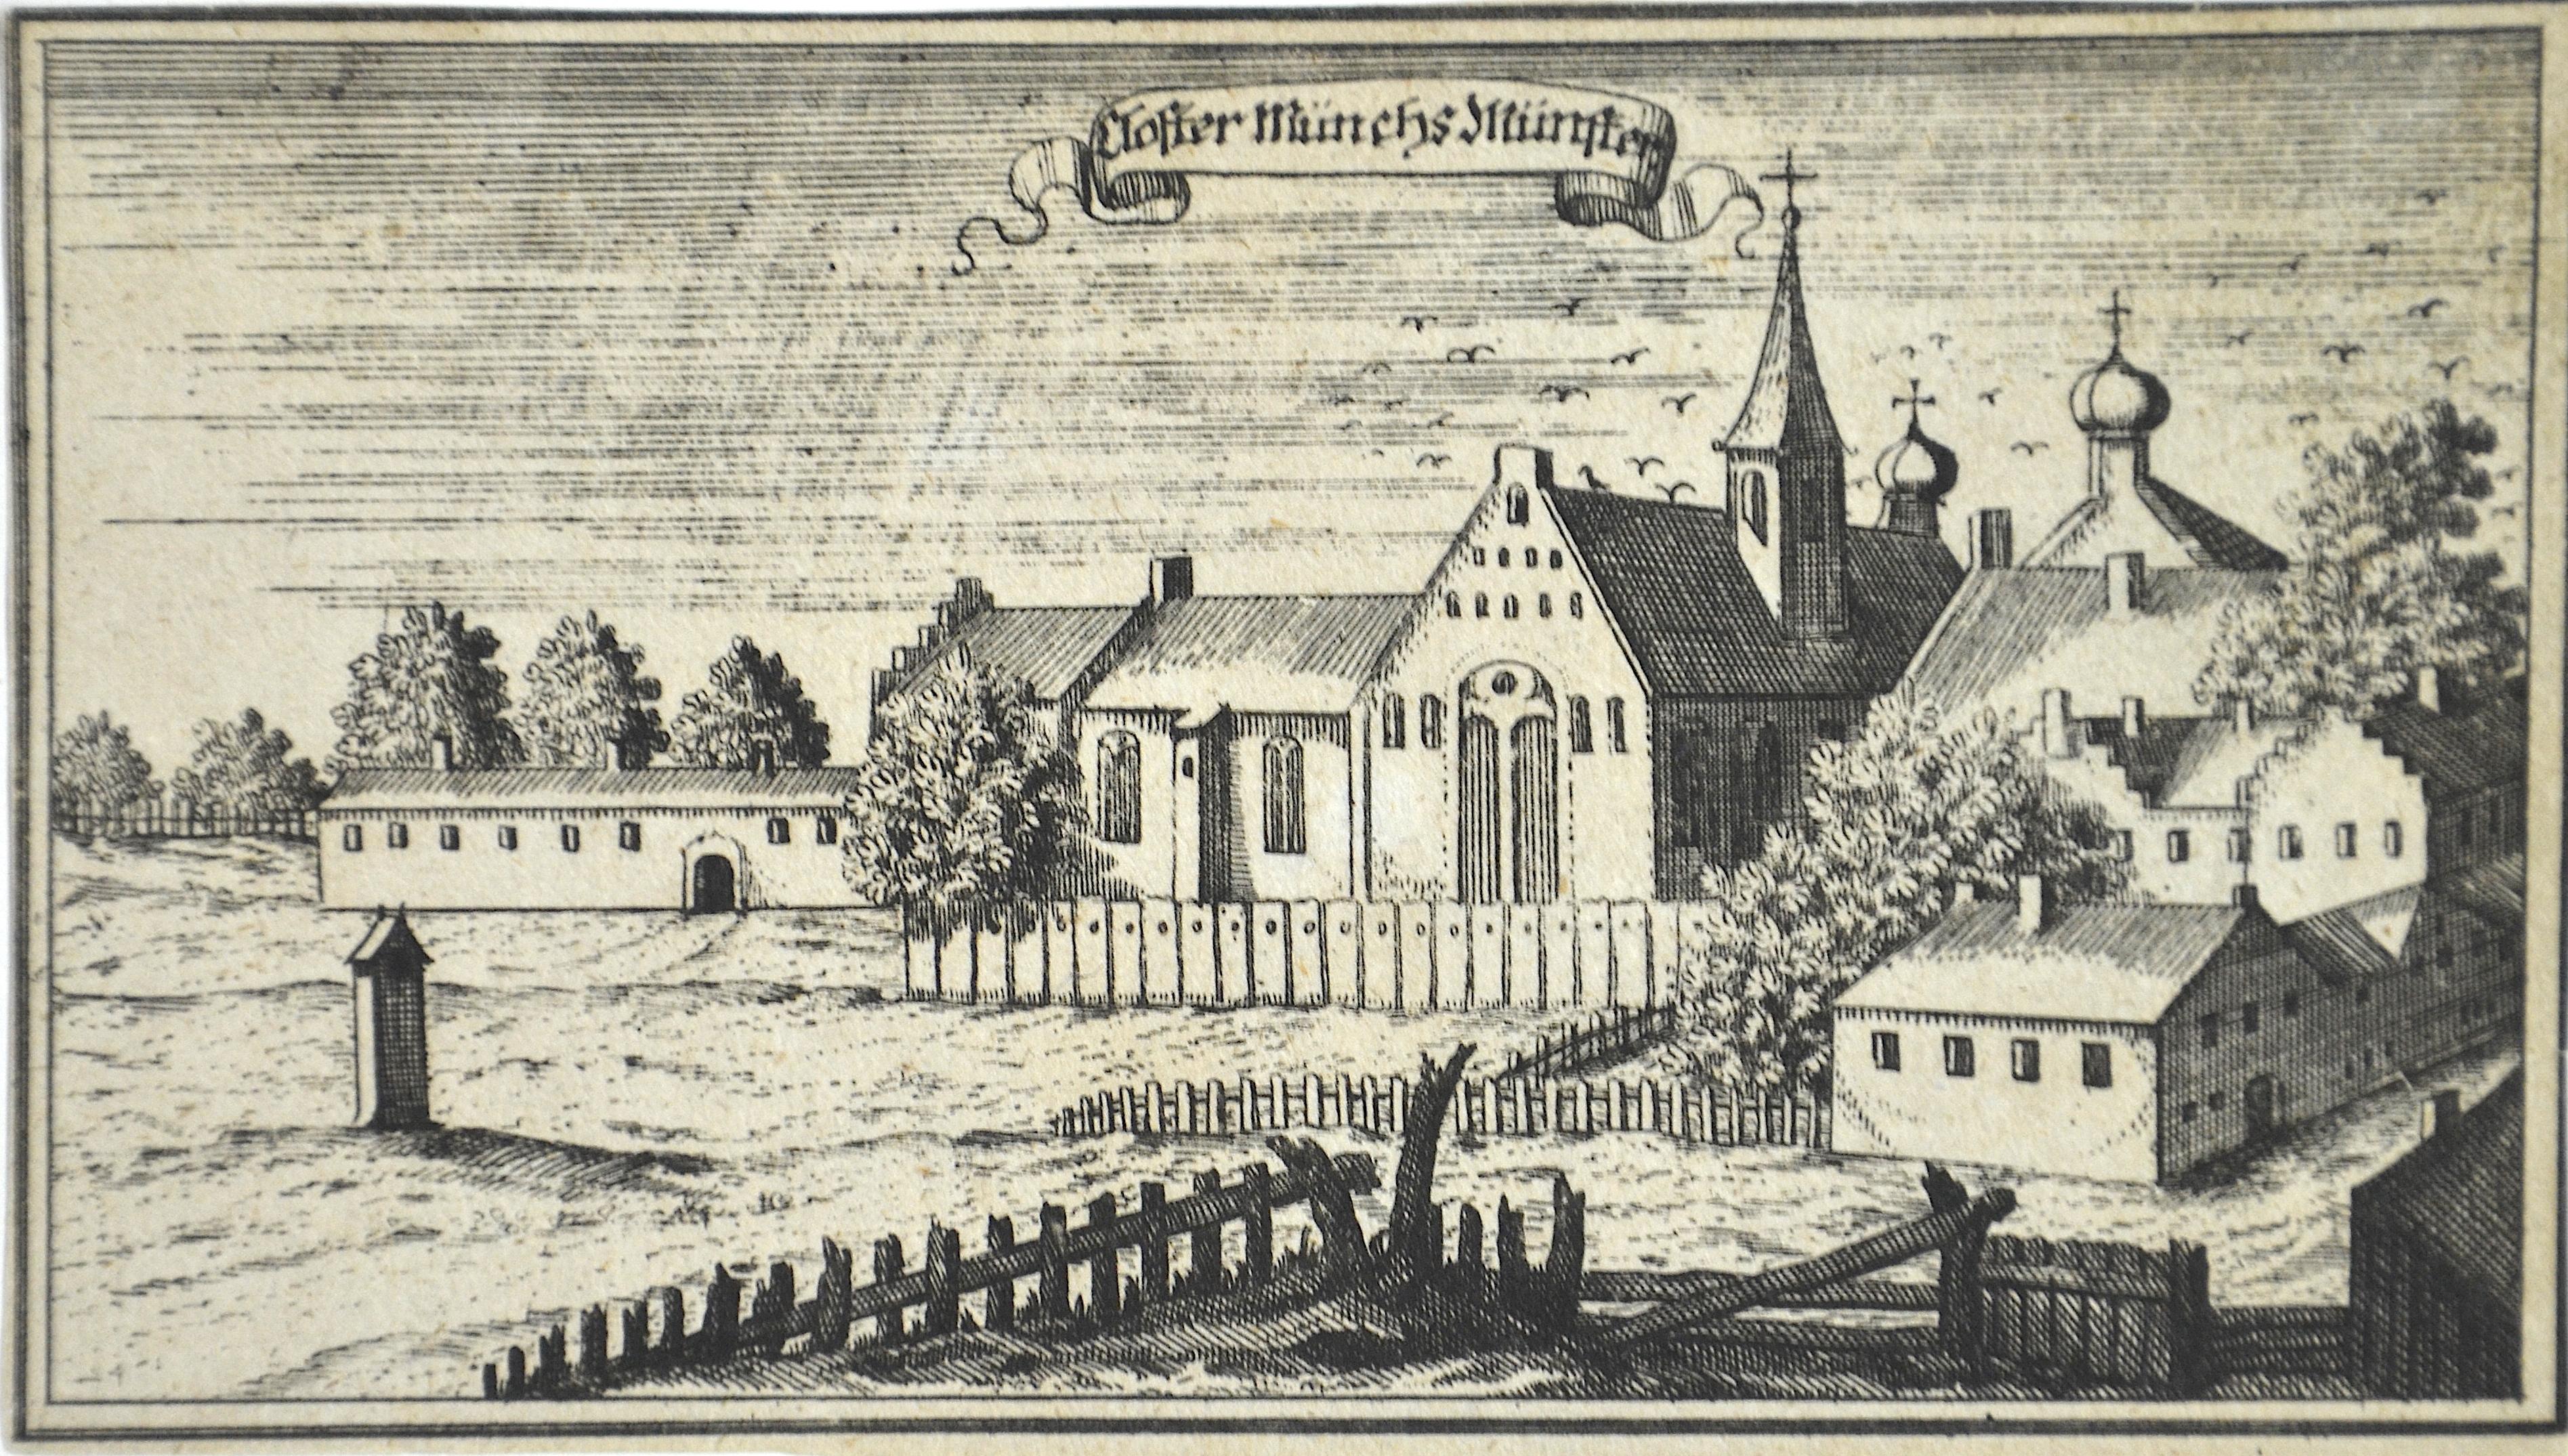 Ertl Anton Wilhelm Closter Münchs Münster.